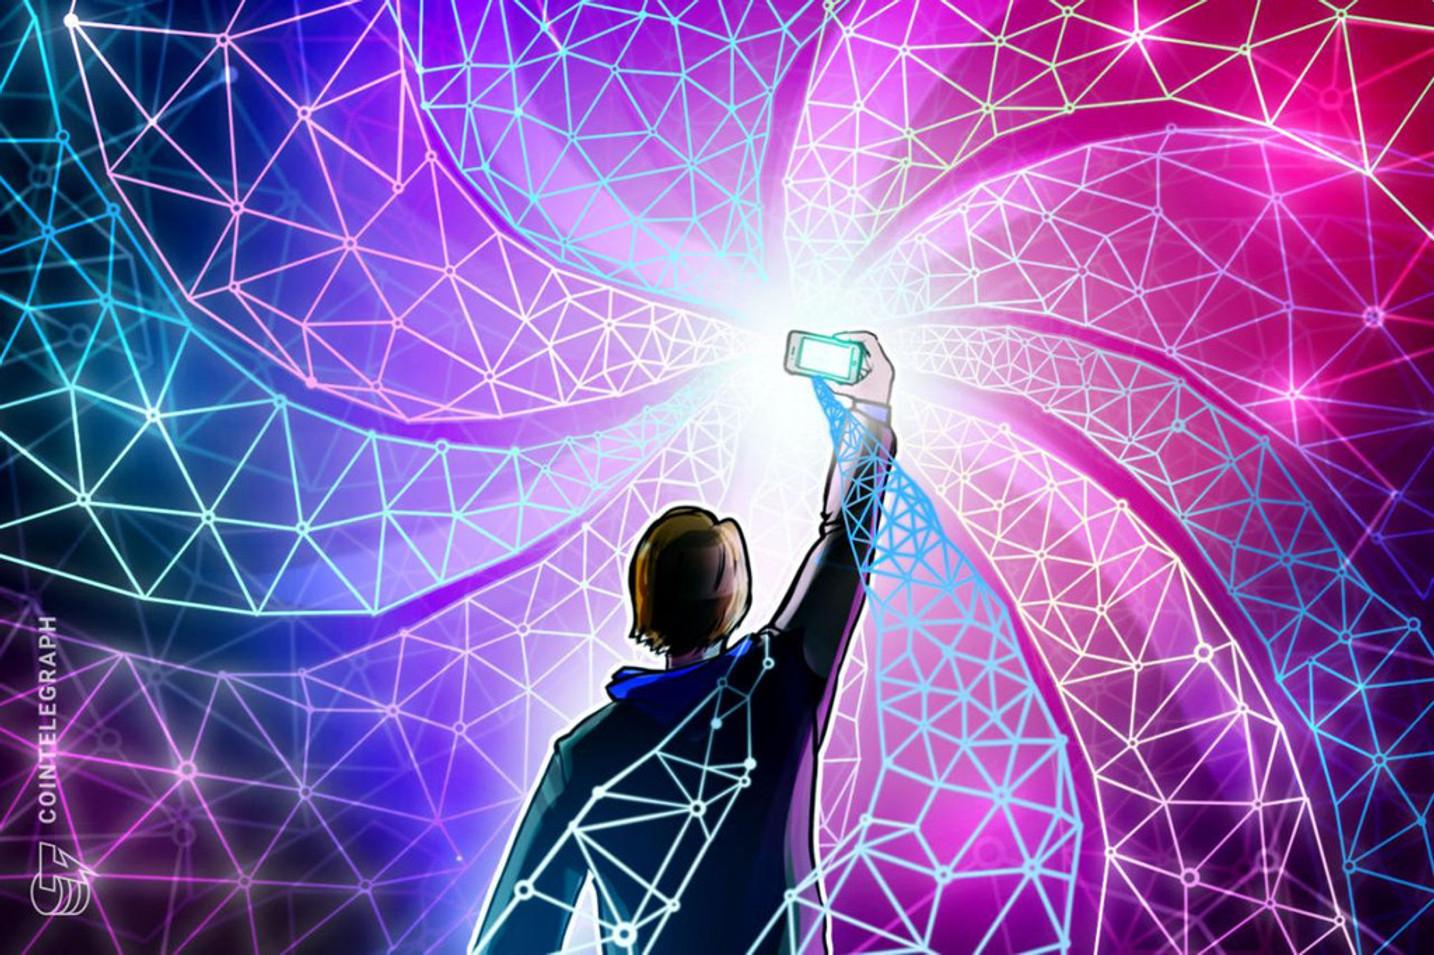 Universo Mola presentó aplicación para moda sostenible con tecnología blockchain